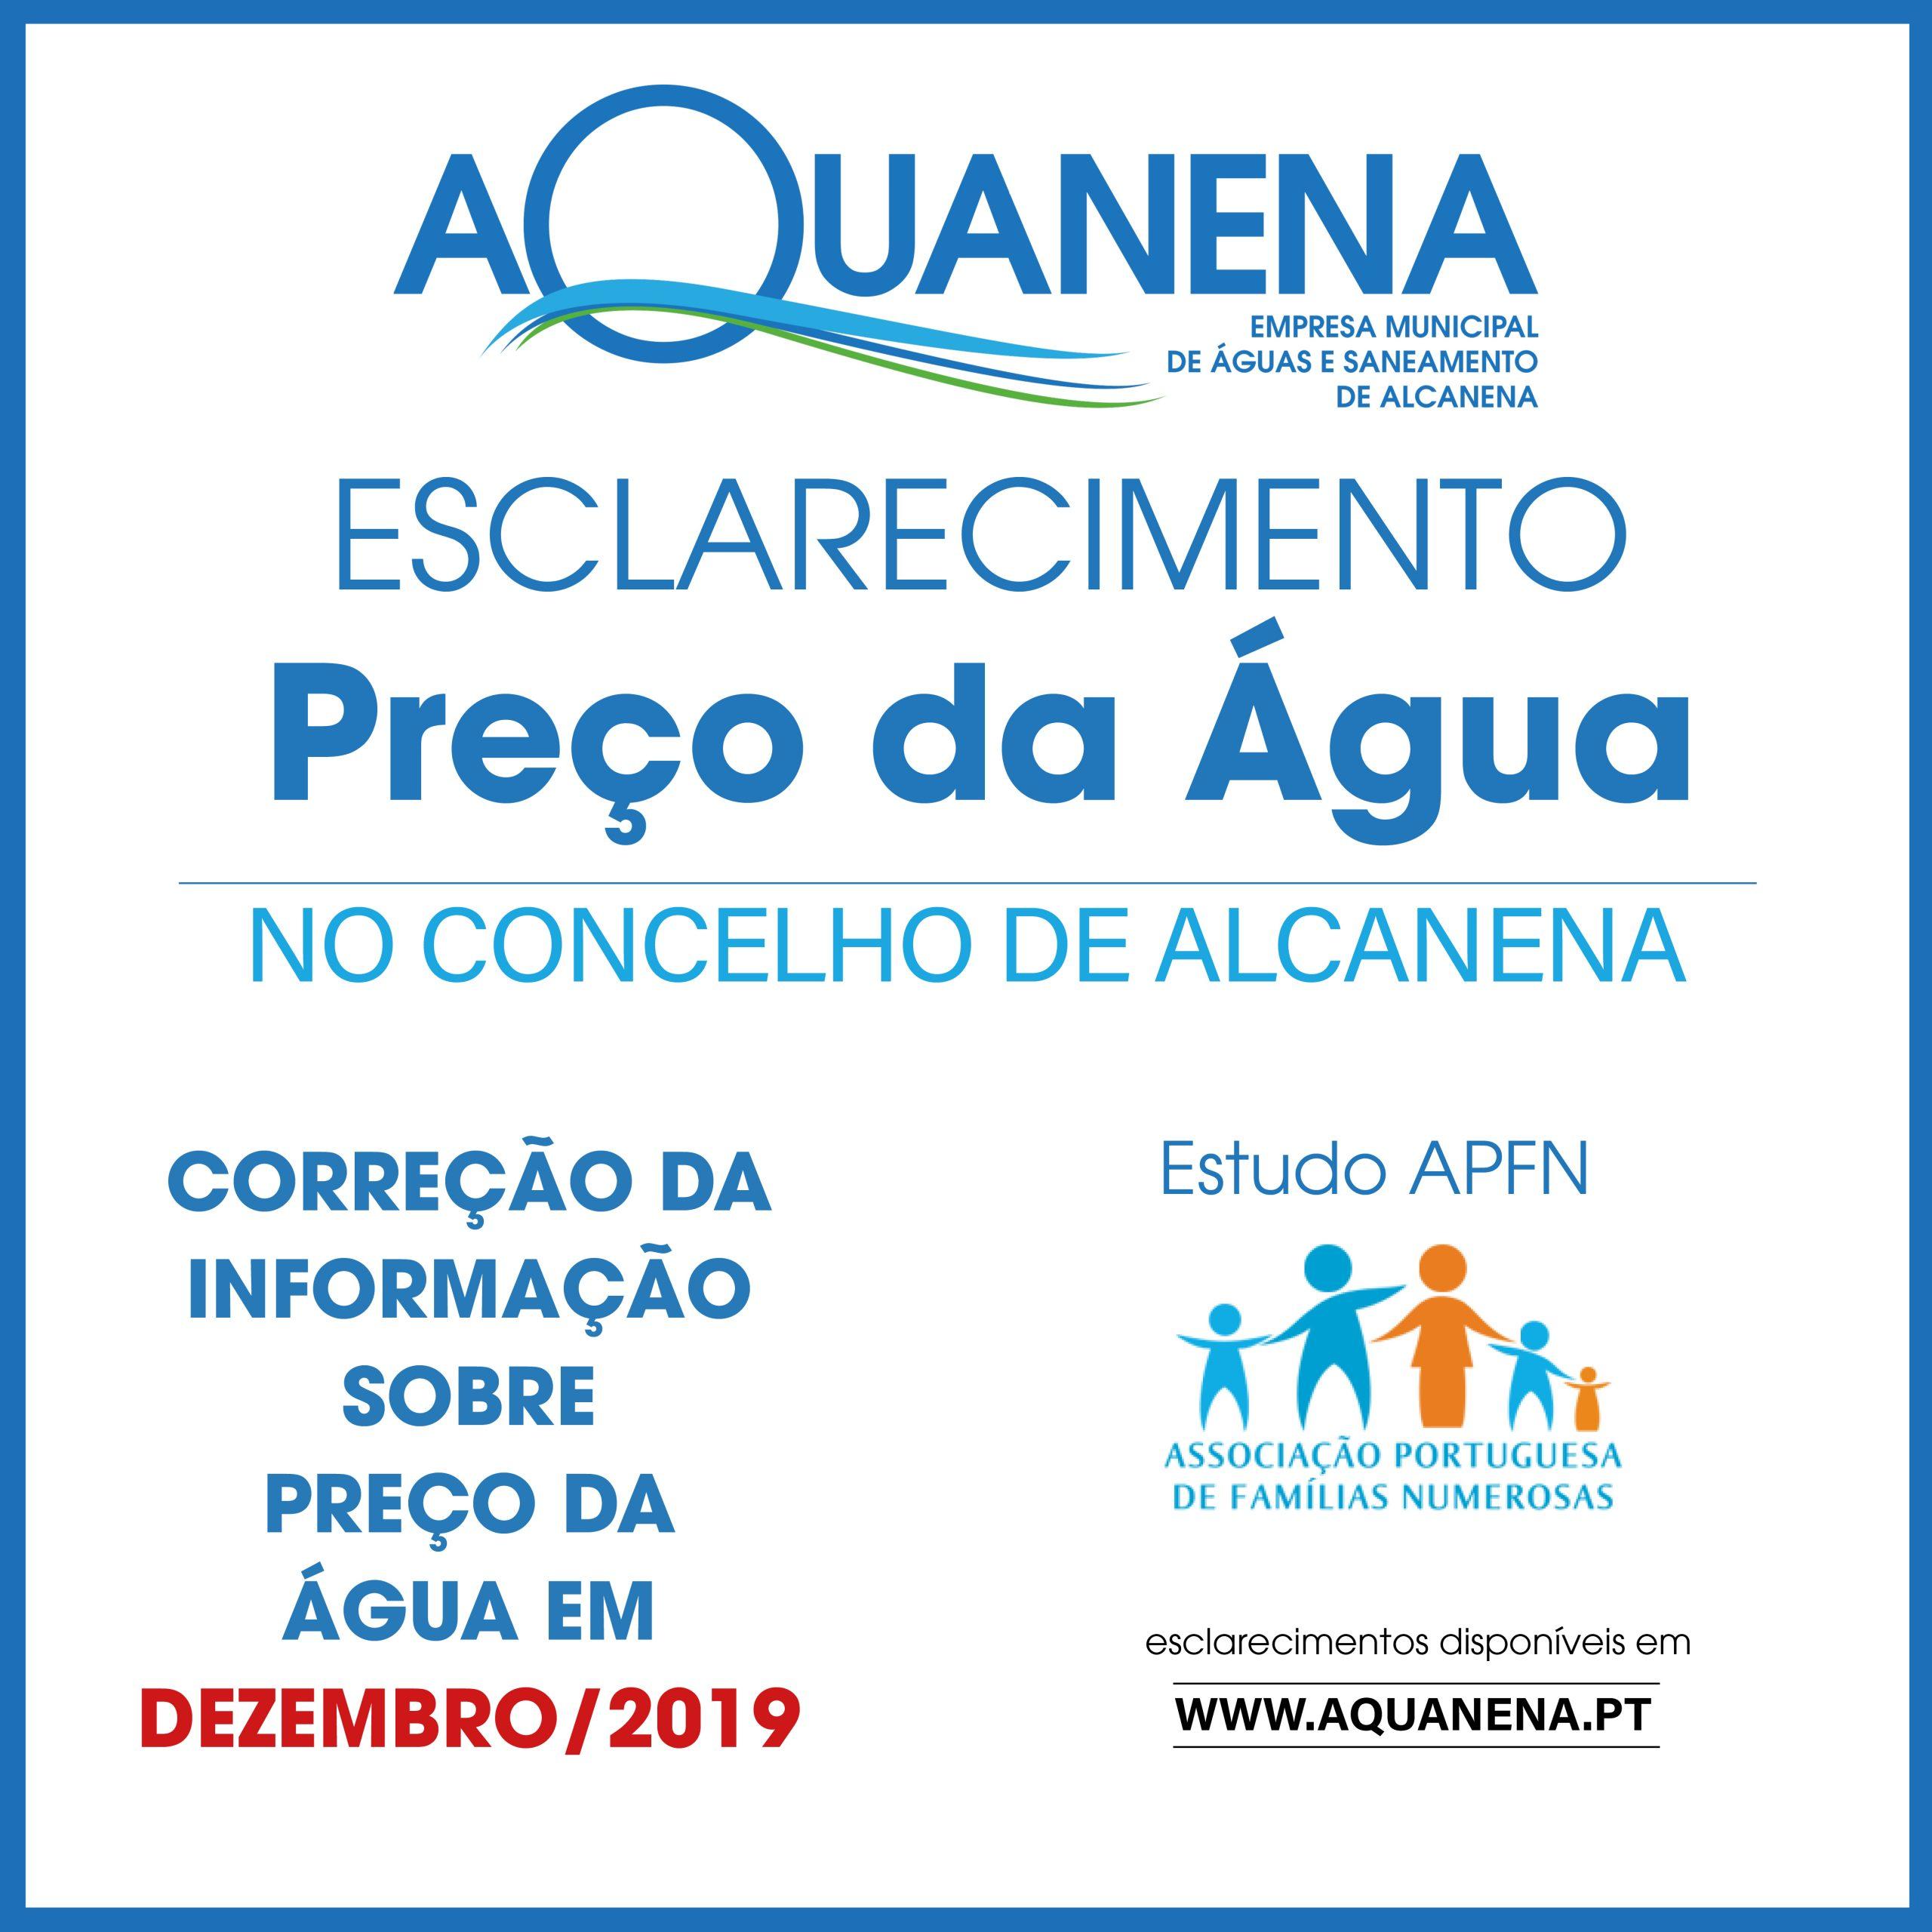 ESCLARECIMENTO AQUANENA sobre preço da água no concelho da Alcanena | DEZ 2019 | estudo APFN